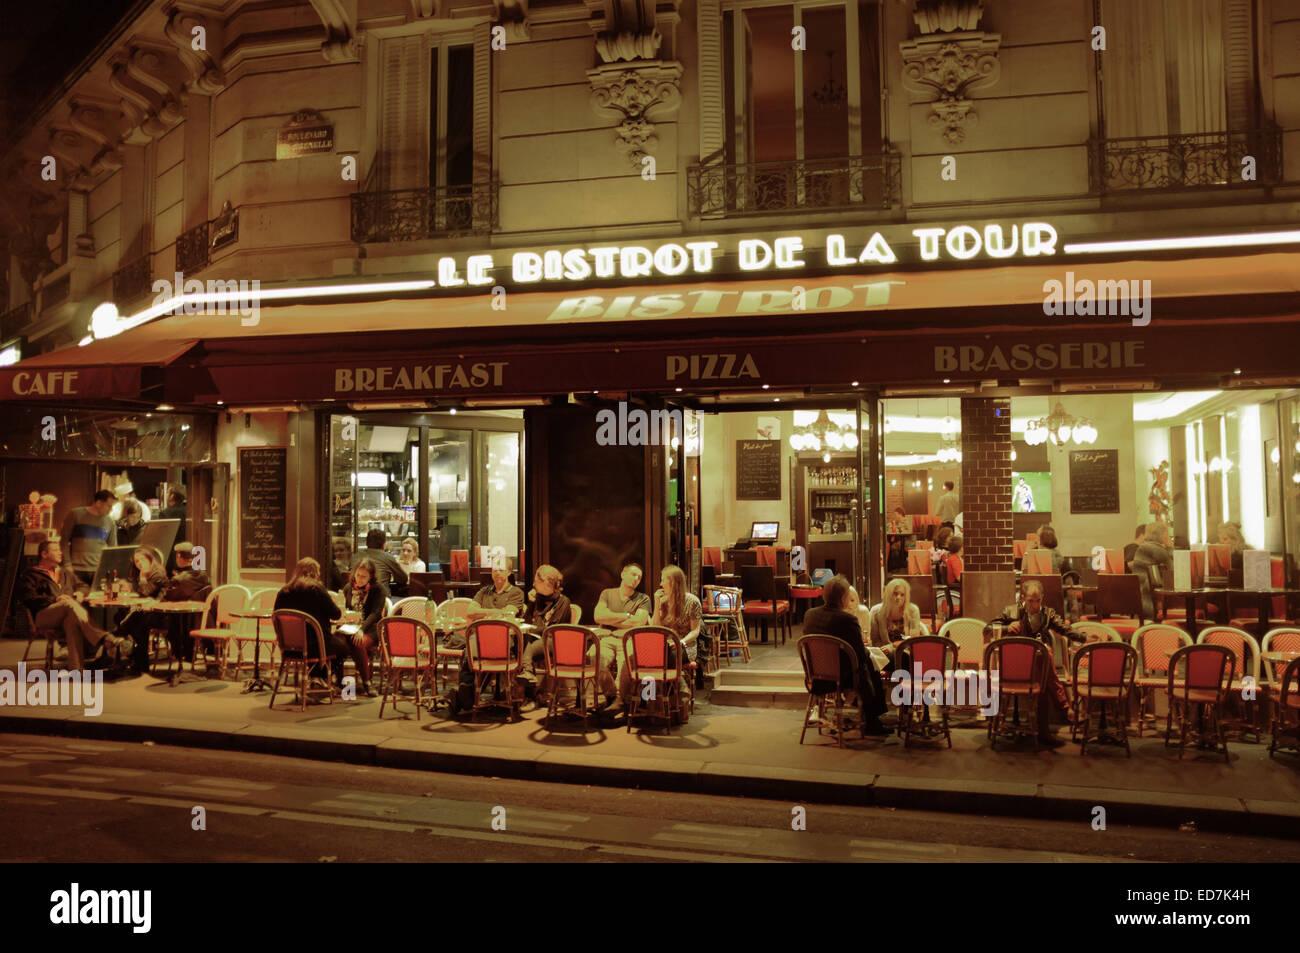 le bistrot de la tour paris restaurant close to the eiffel tower stock photo royalty free. Black Bedroom Furniture Sets. Home Design Ideas